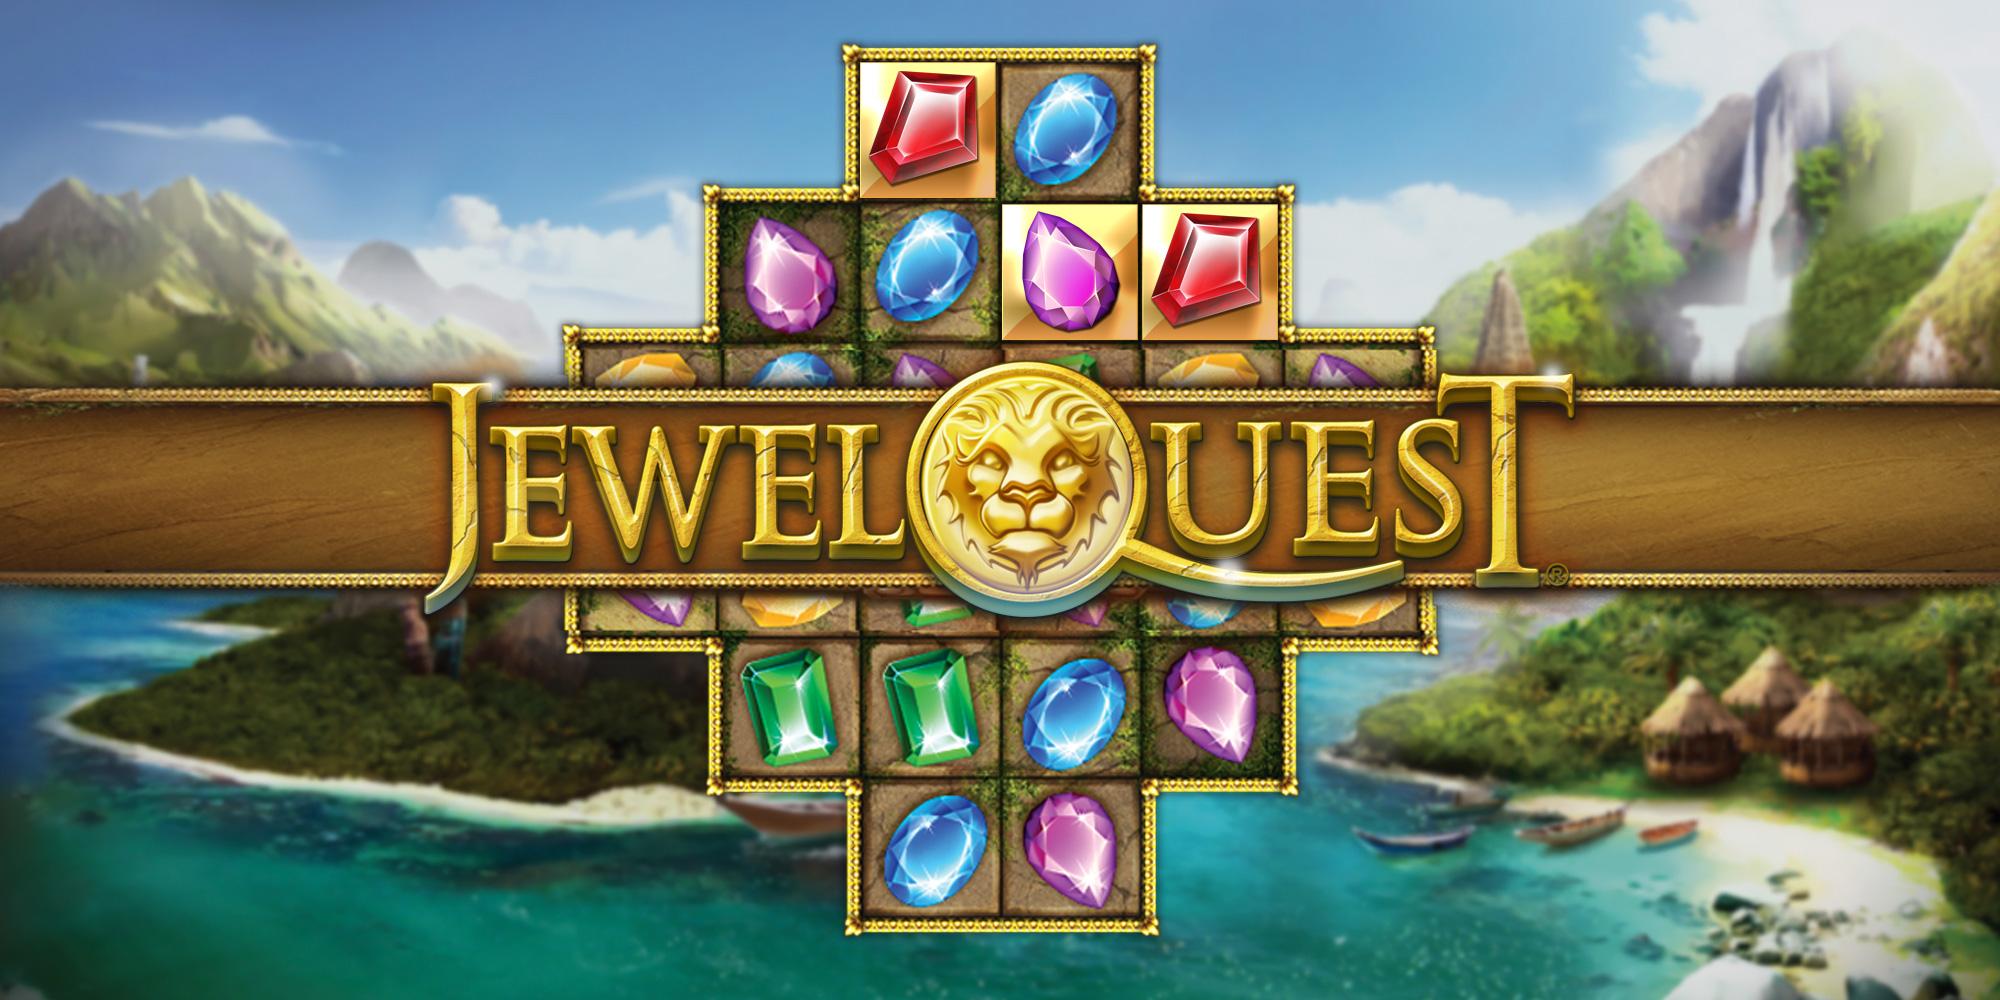 Jewel Quest Wii U Download Software Games Nintendo